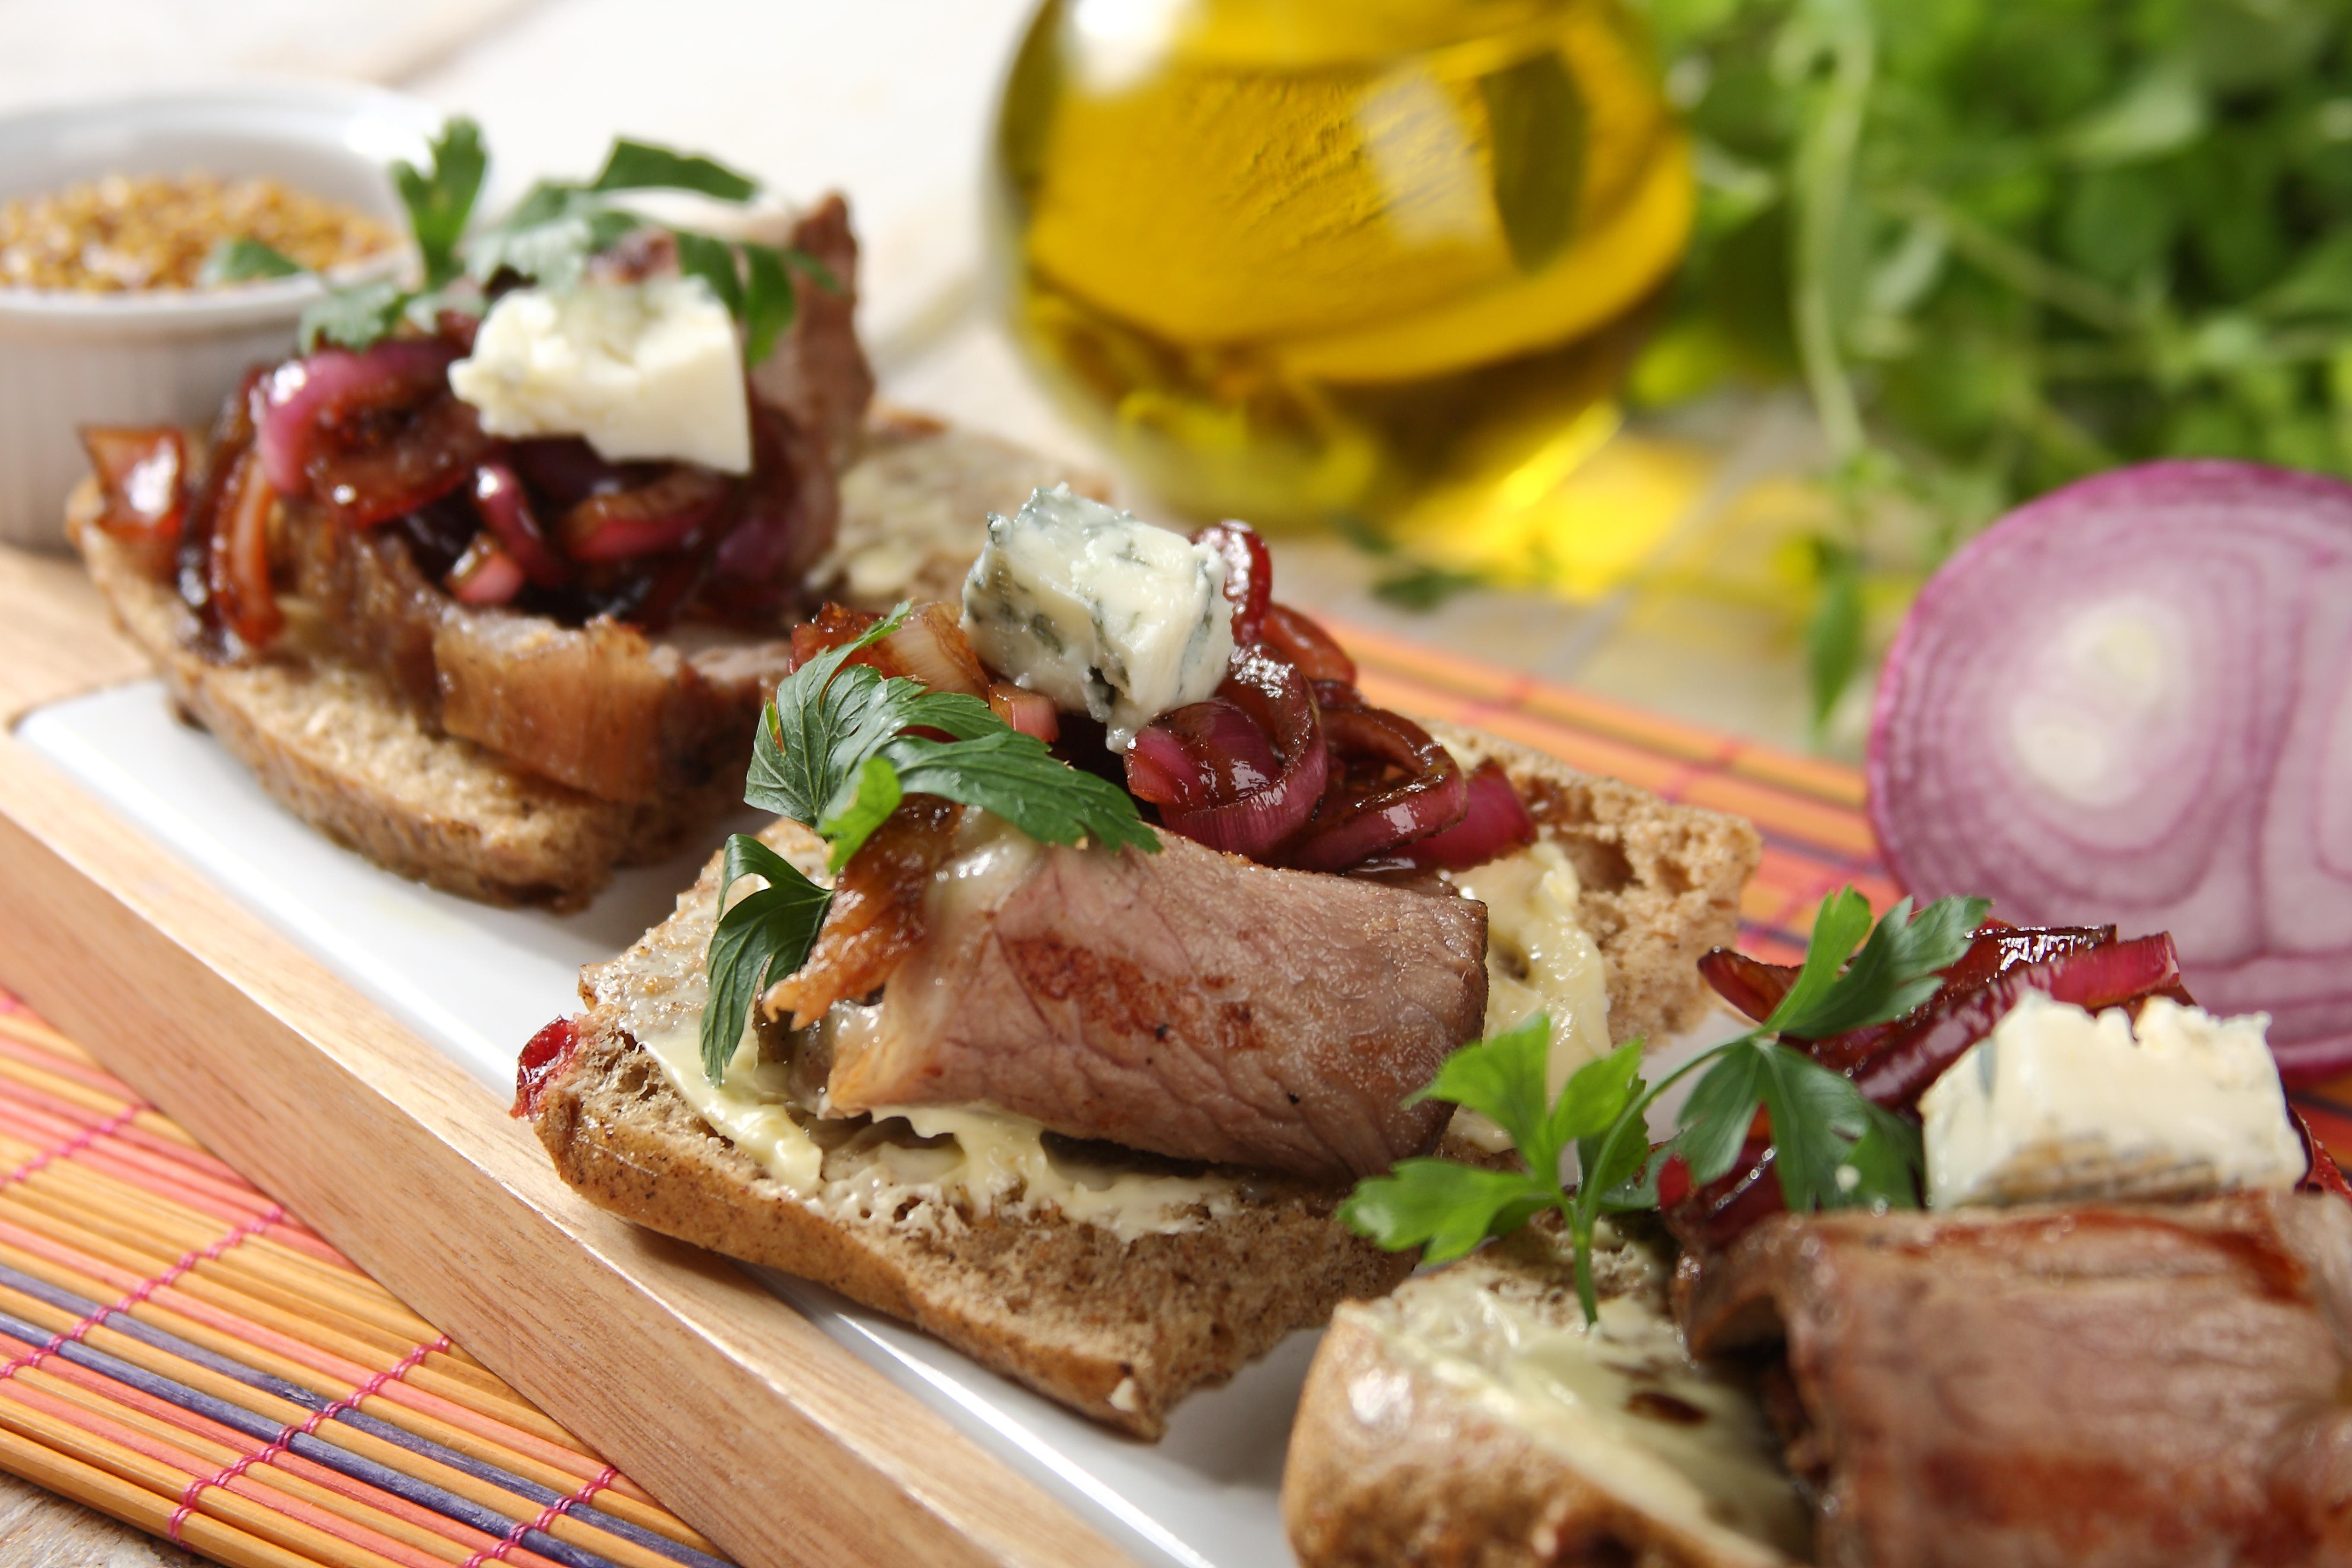 kanapki-z-grillowanym-rostbefem-konfitura-z-czerwonej-cebuli-i-serem-plesniowym